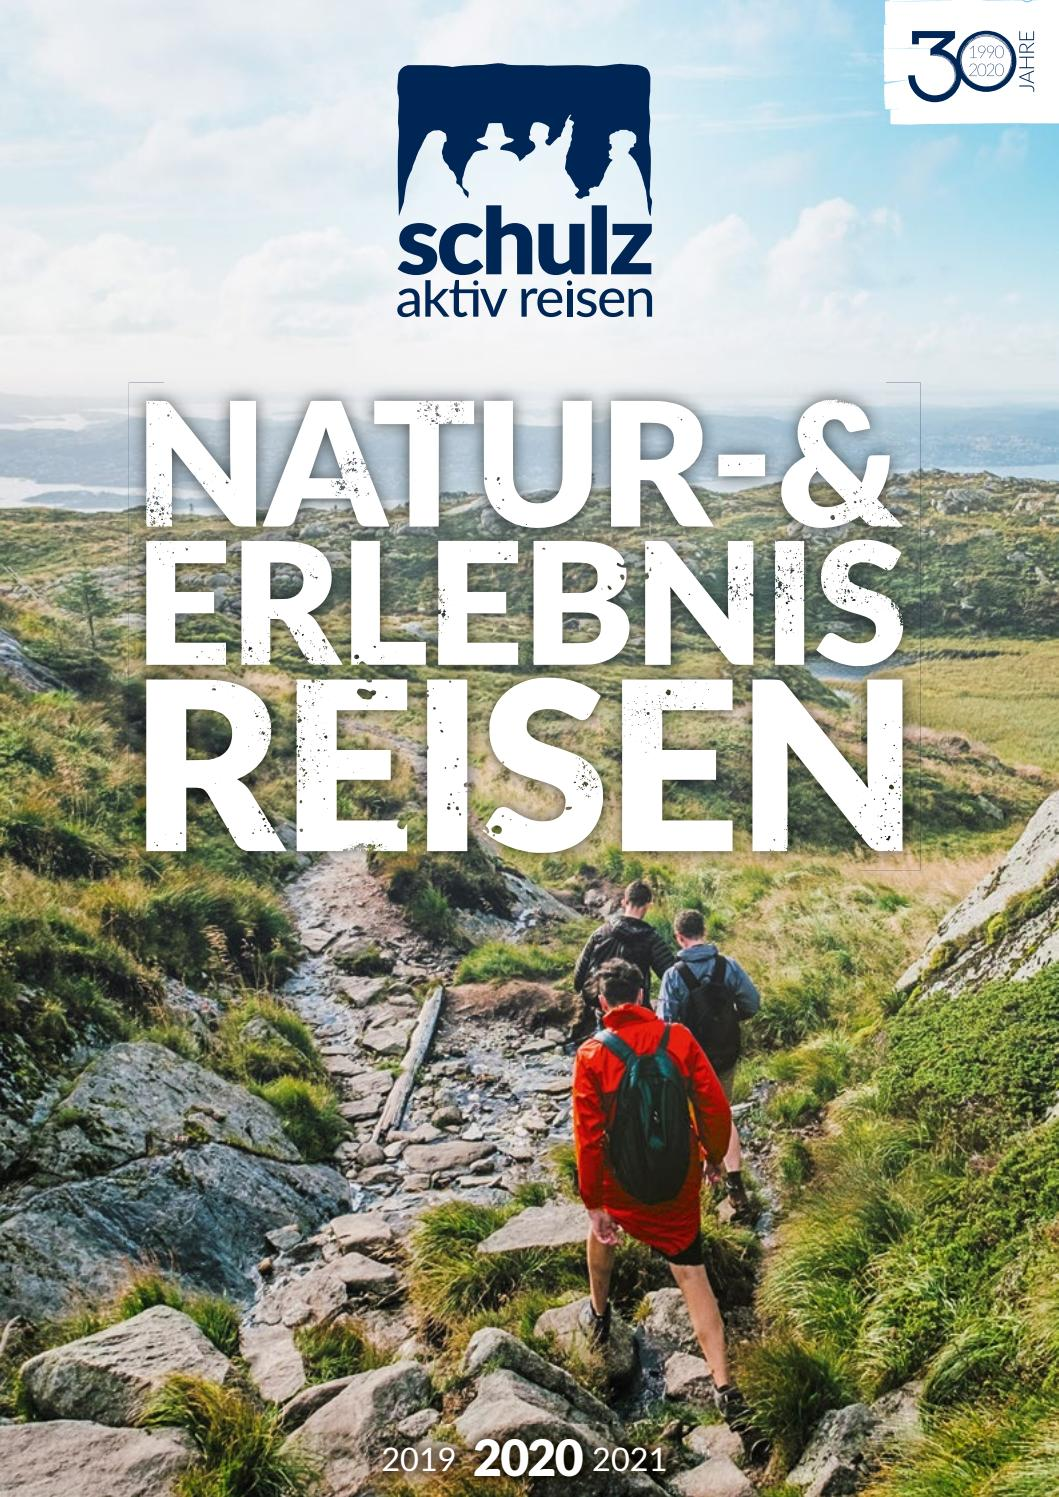 schulz aktiv reisen – Natur und Erlebnisreisen 2019 20 by